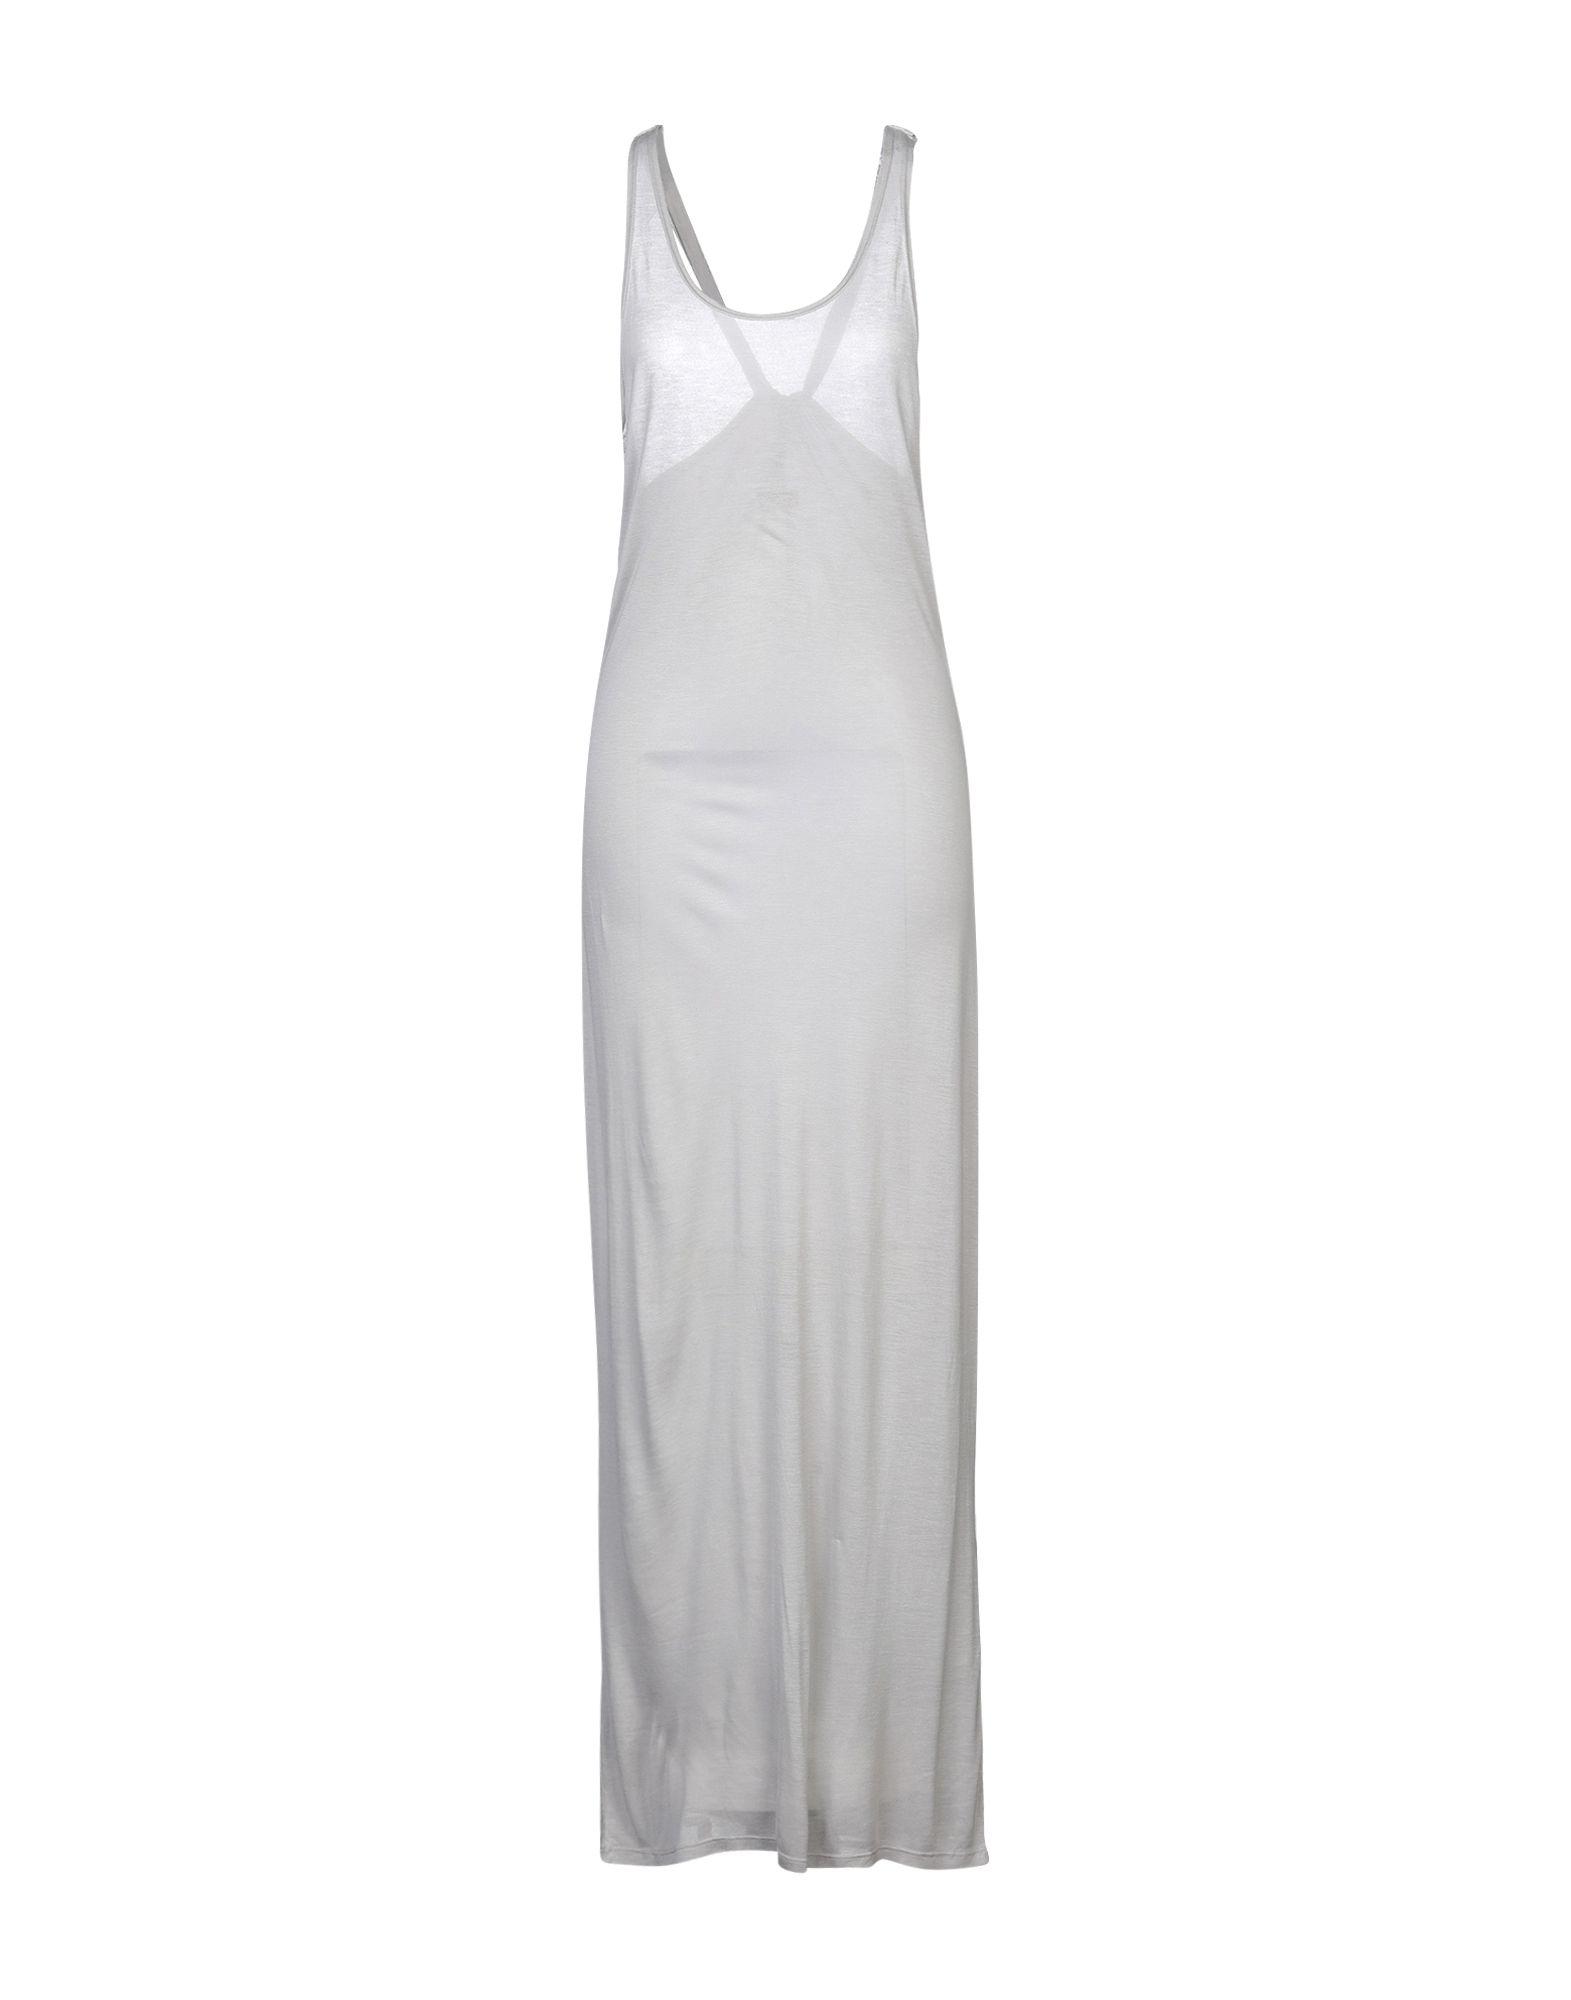 TIGER OF SWEDEN Платье длиной 3/4